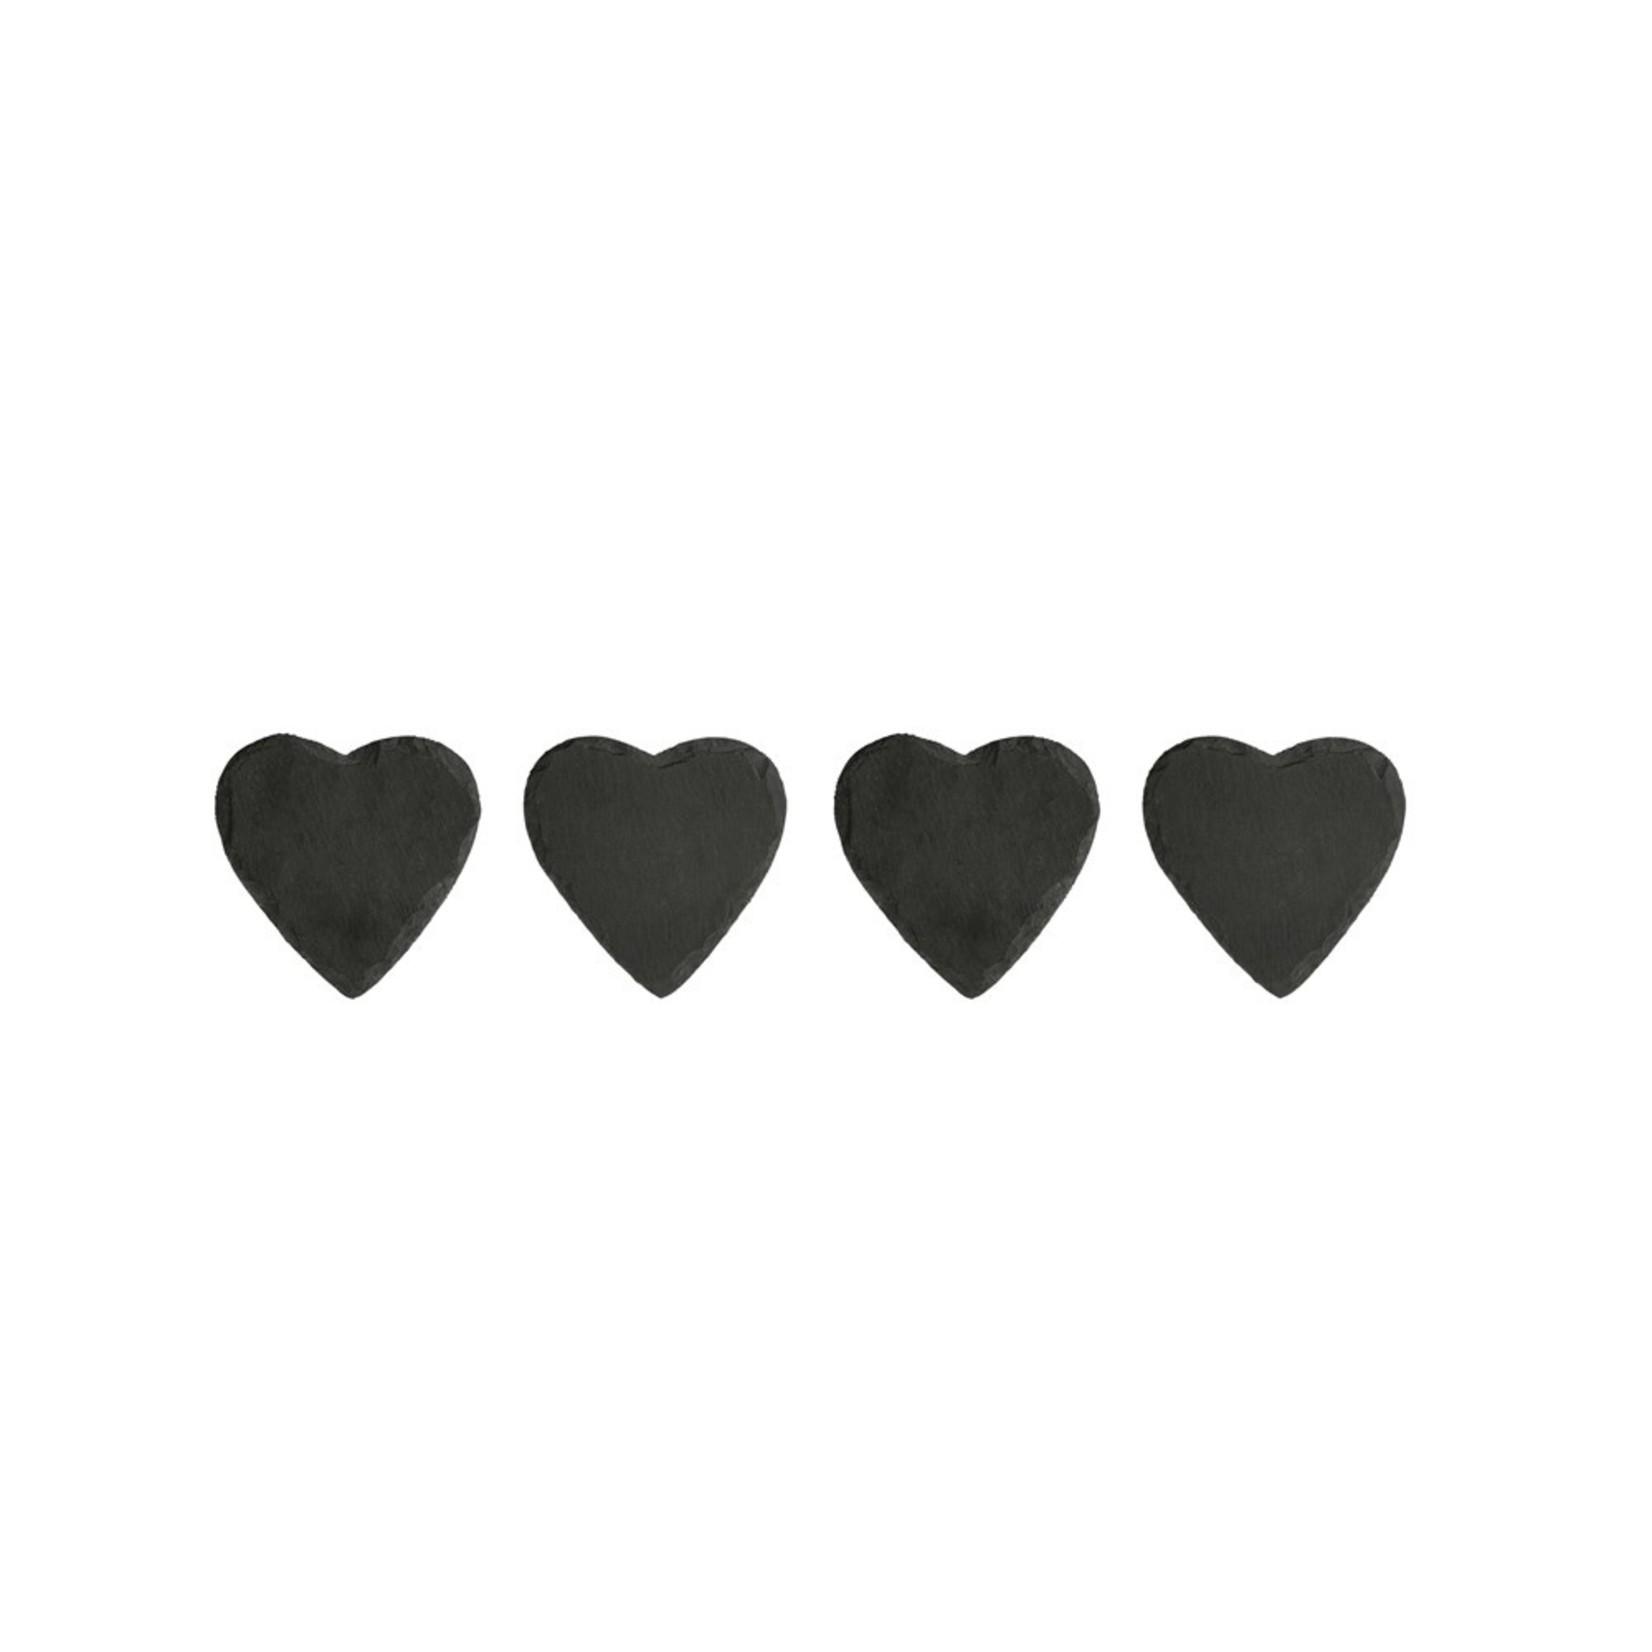 Slate Heart Coasters Set of 4